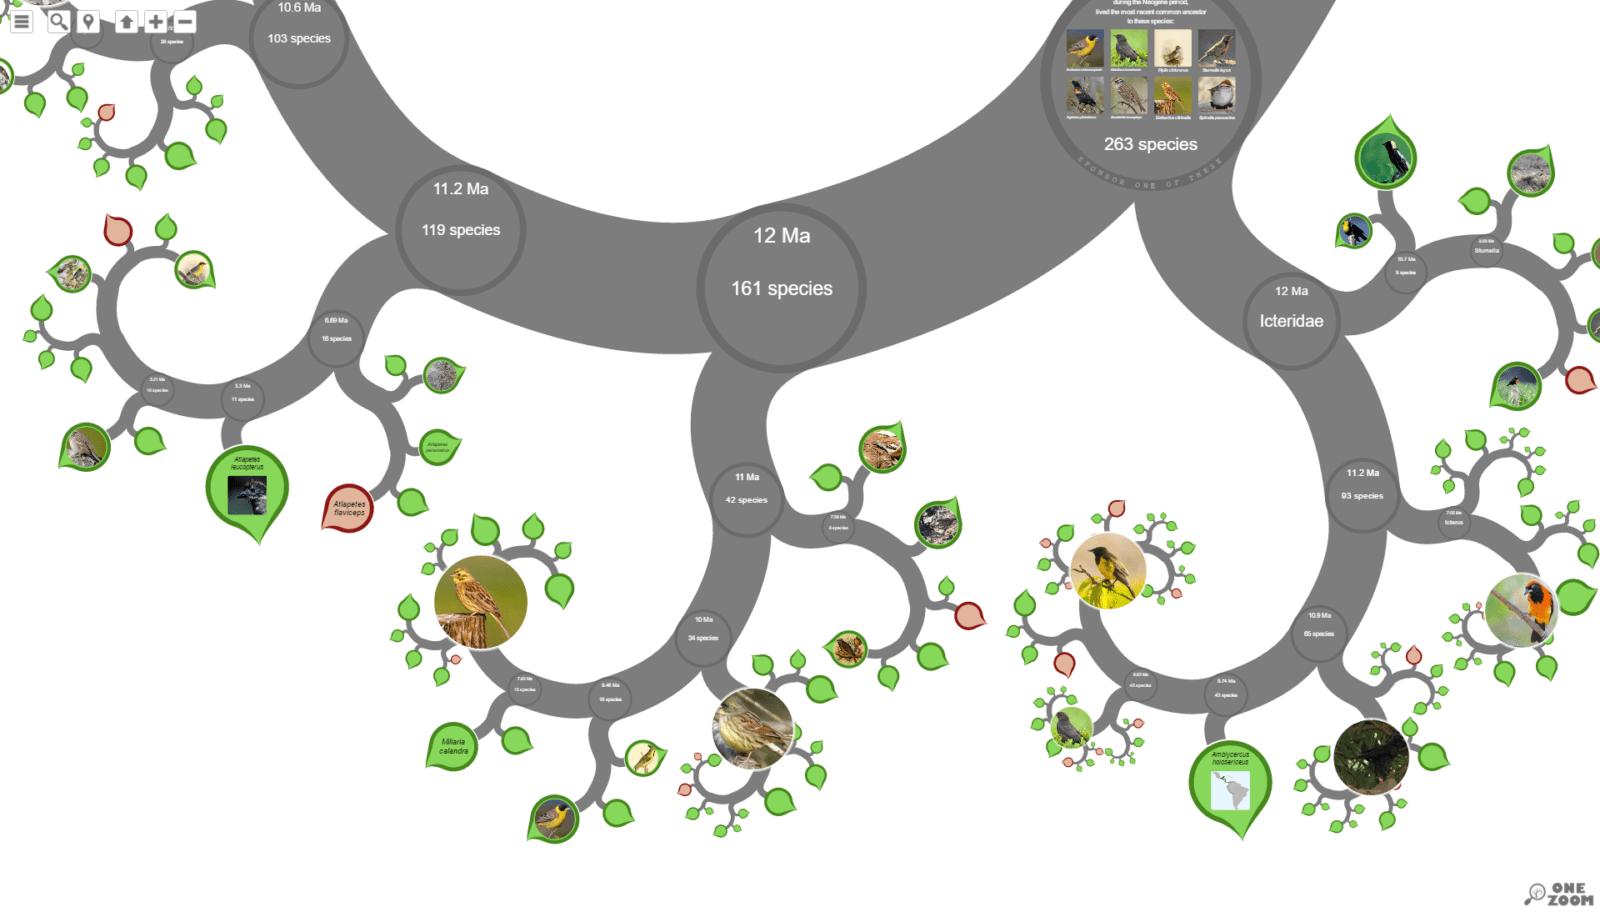 Süleyman Sönmez - Güneşin Tam İçinde hayatagaci2 Canlılar Alemini İnteraktif Hayat Ağaçlarıyla Tanıyalım - Biyoloji | Tree of Life Project - OneZoom Bilim ve Teknoloji Eğitim Eğitim Teknolojileri  Tree of Life Türler Sınıf OneZoom Fen Bilgisi Fen Cins Canlılar Alemi Biyoloji Alemler